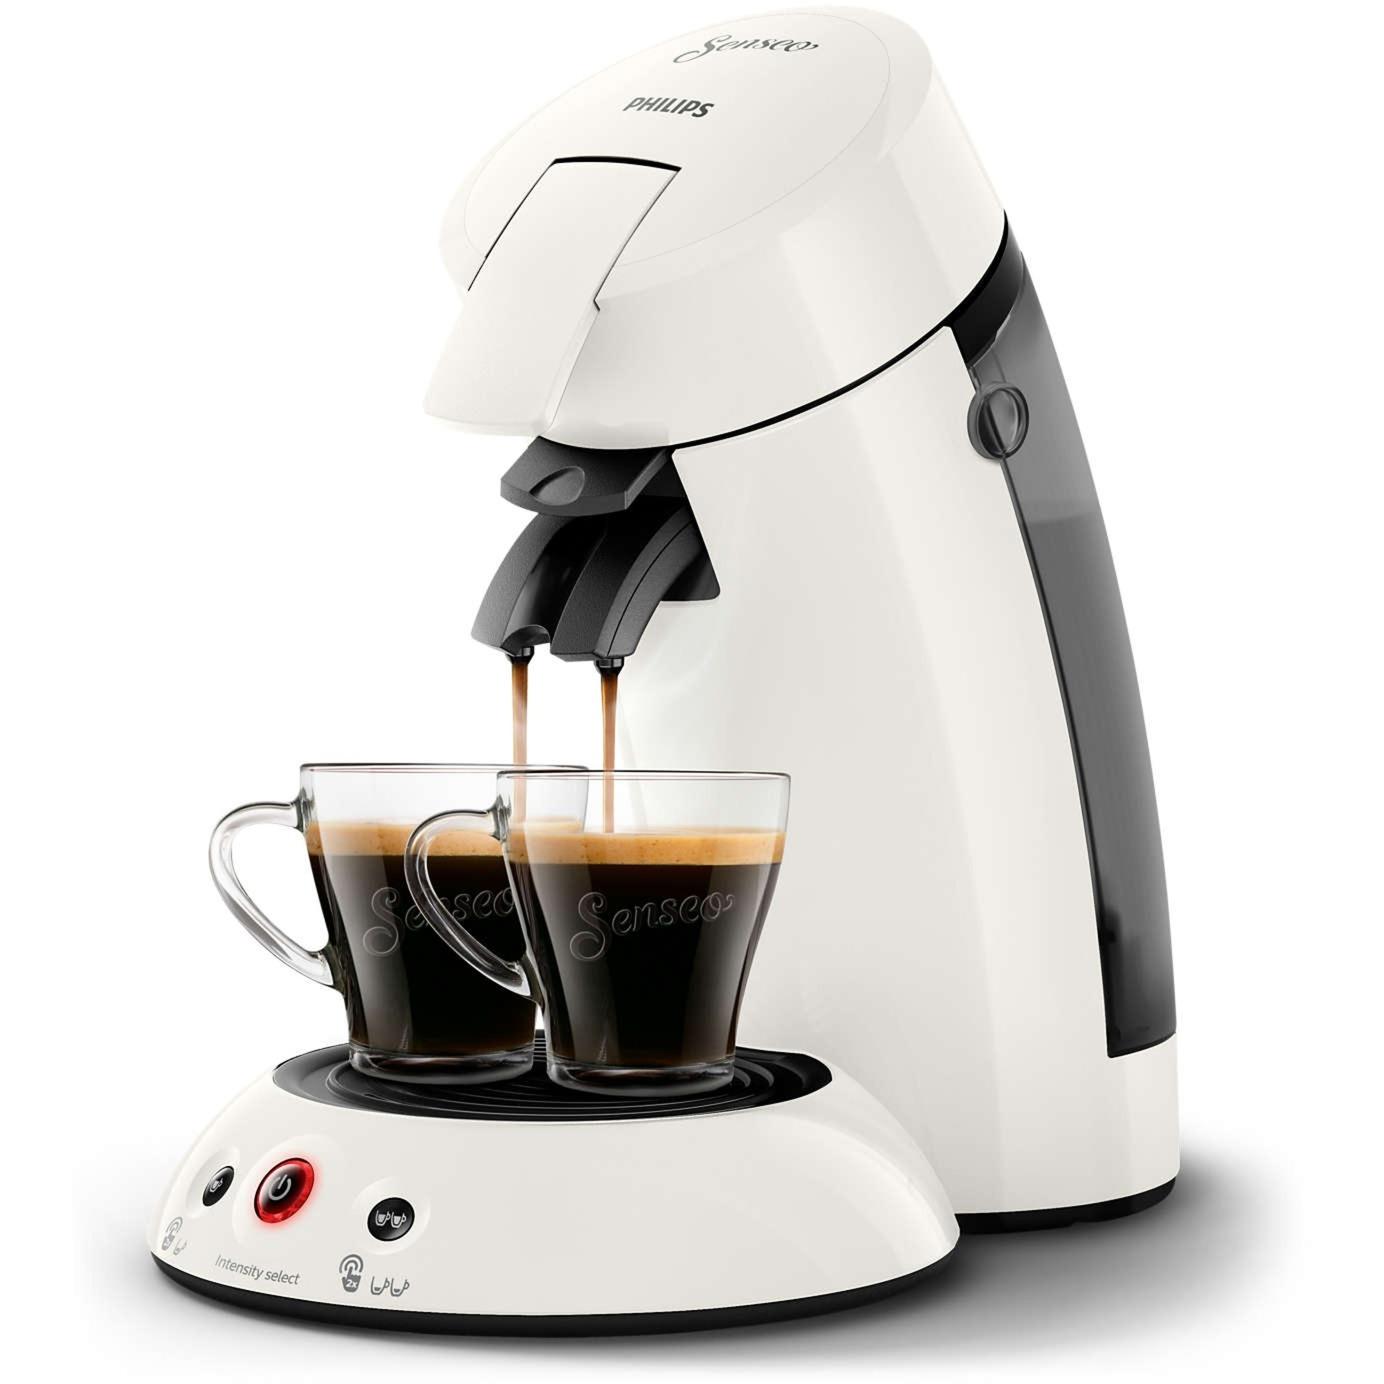 Original HD6554/10 Independiente Semi-automática Máquina de café en cápsulas 0.7L Blanco cafetera eléctrica, Cafetera monodosis